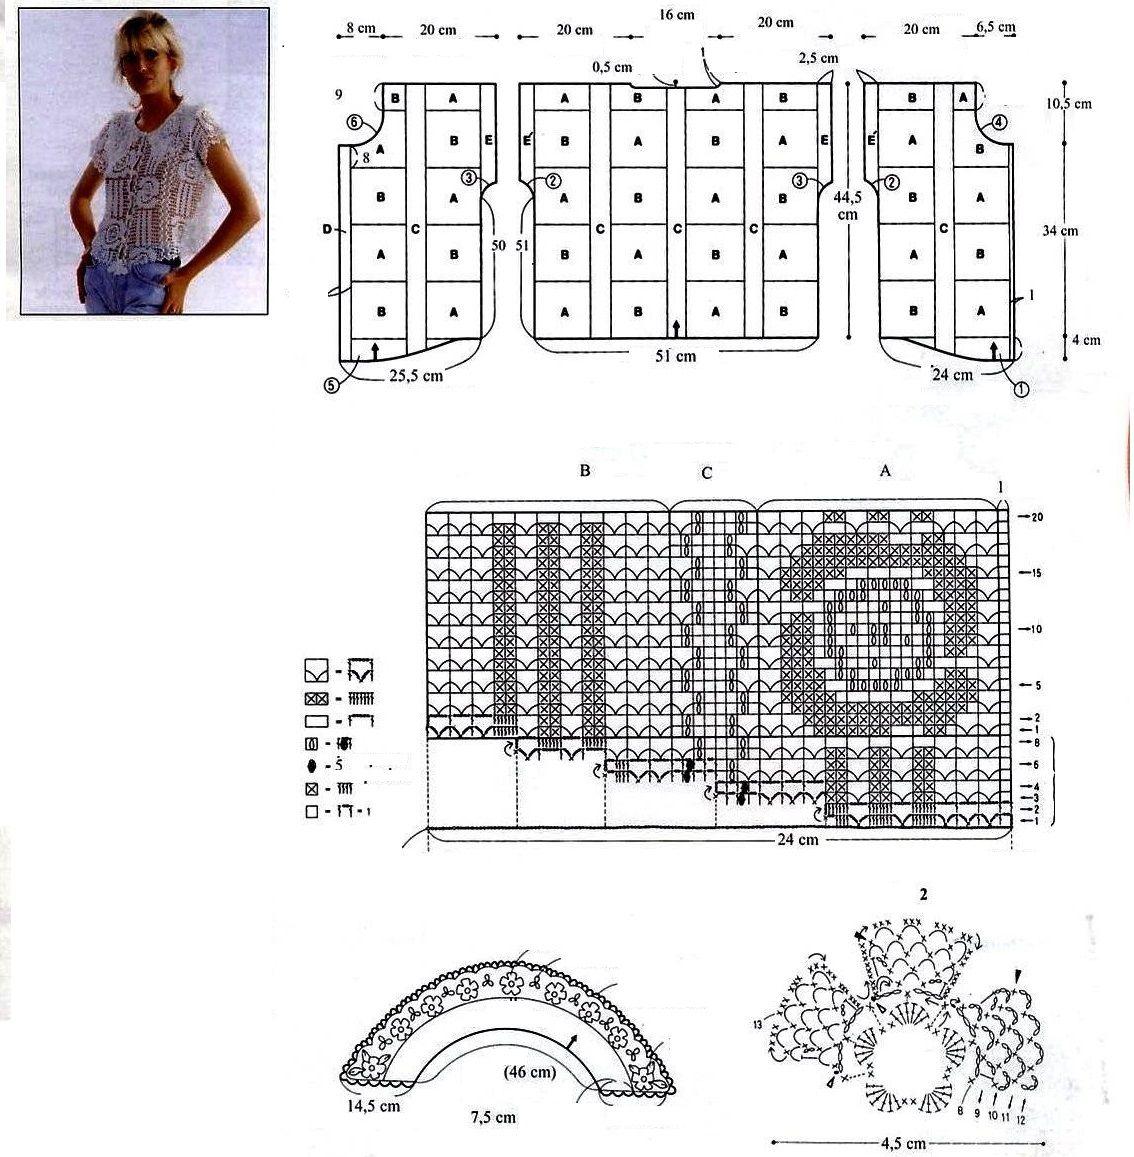 f0e5867229a bluzka szydełkowa crochet blouse kukičanje bluza háčkování halenka haklet  bluse blouse crochet crochet blusa gehaakte blouse